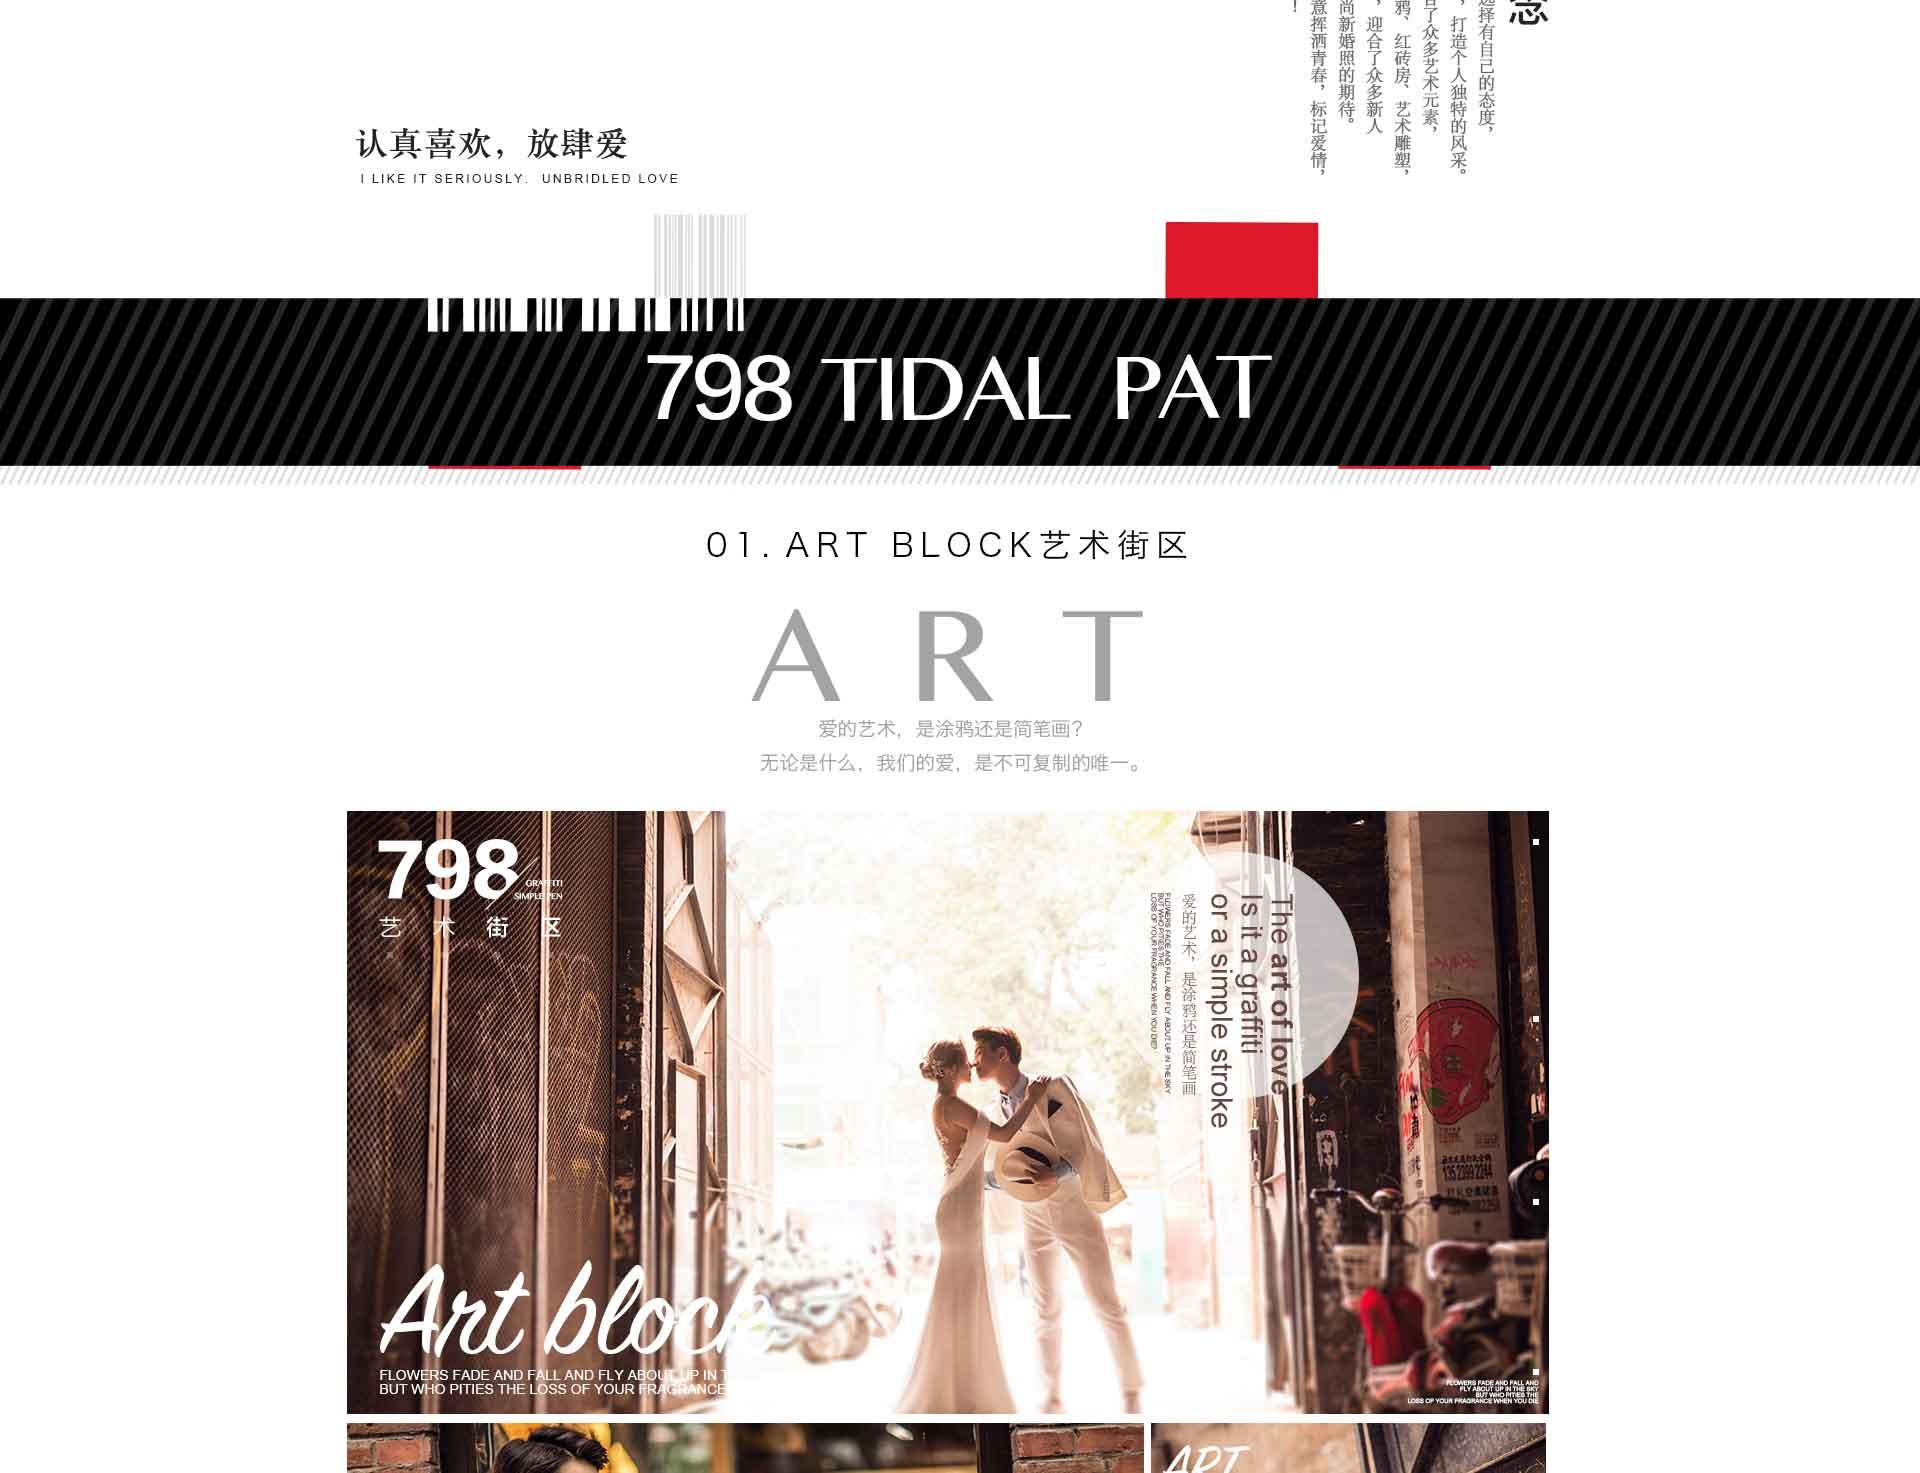 北京爱情长图-预览_13.jpg